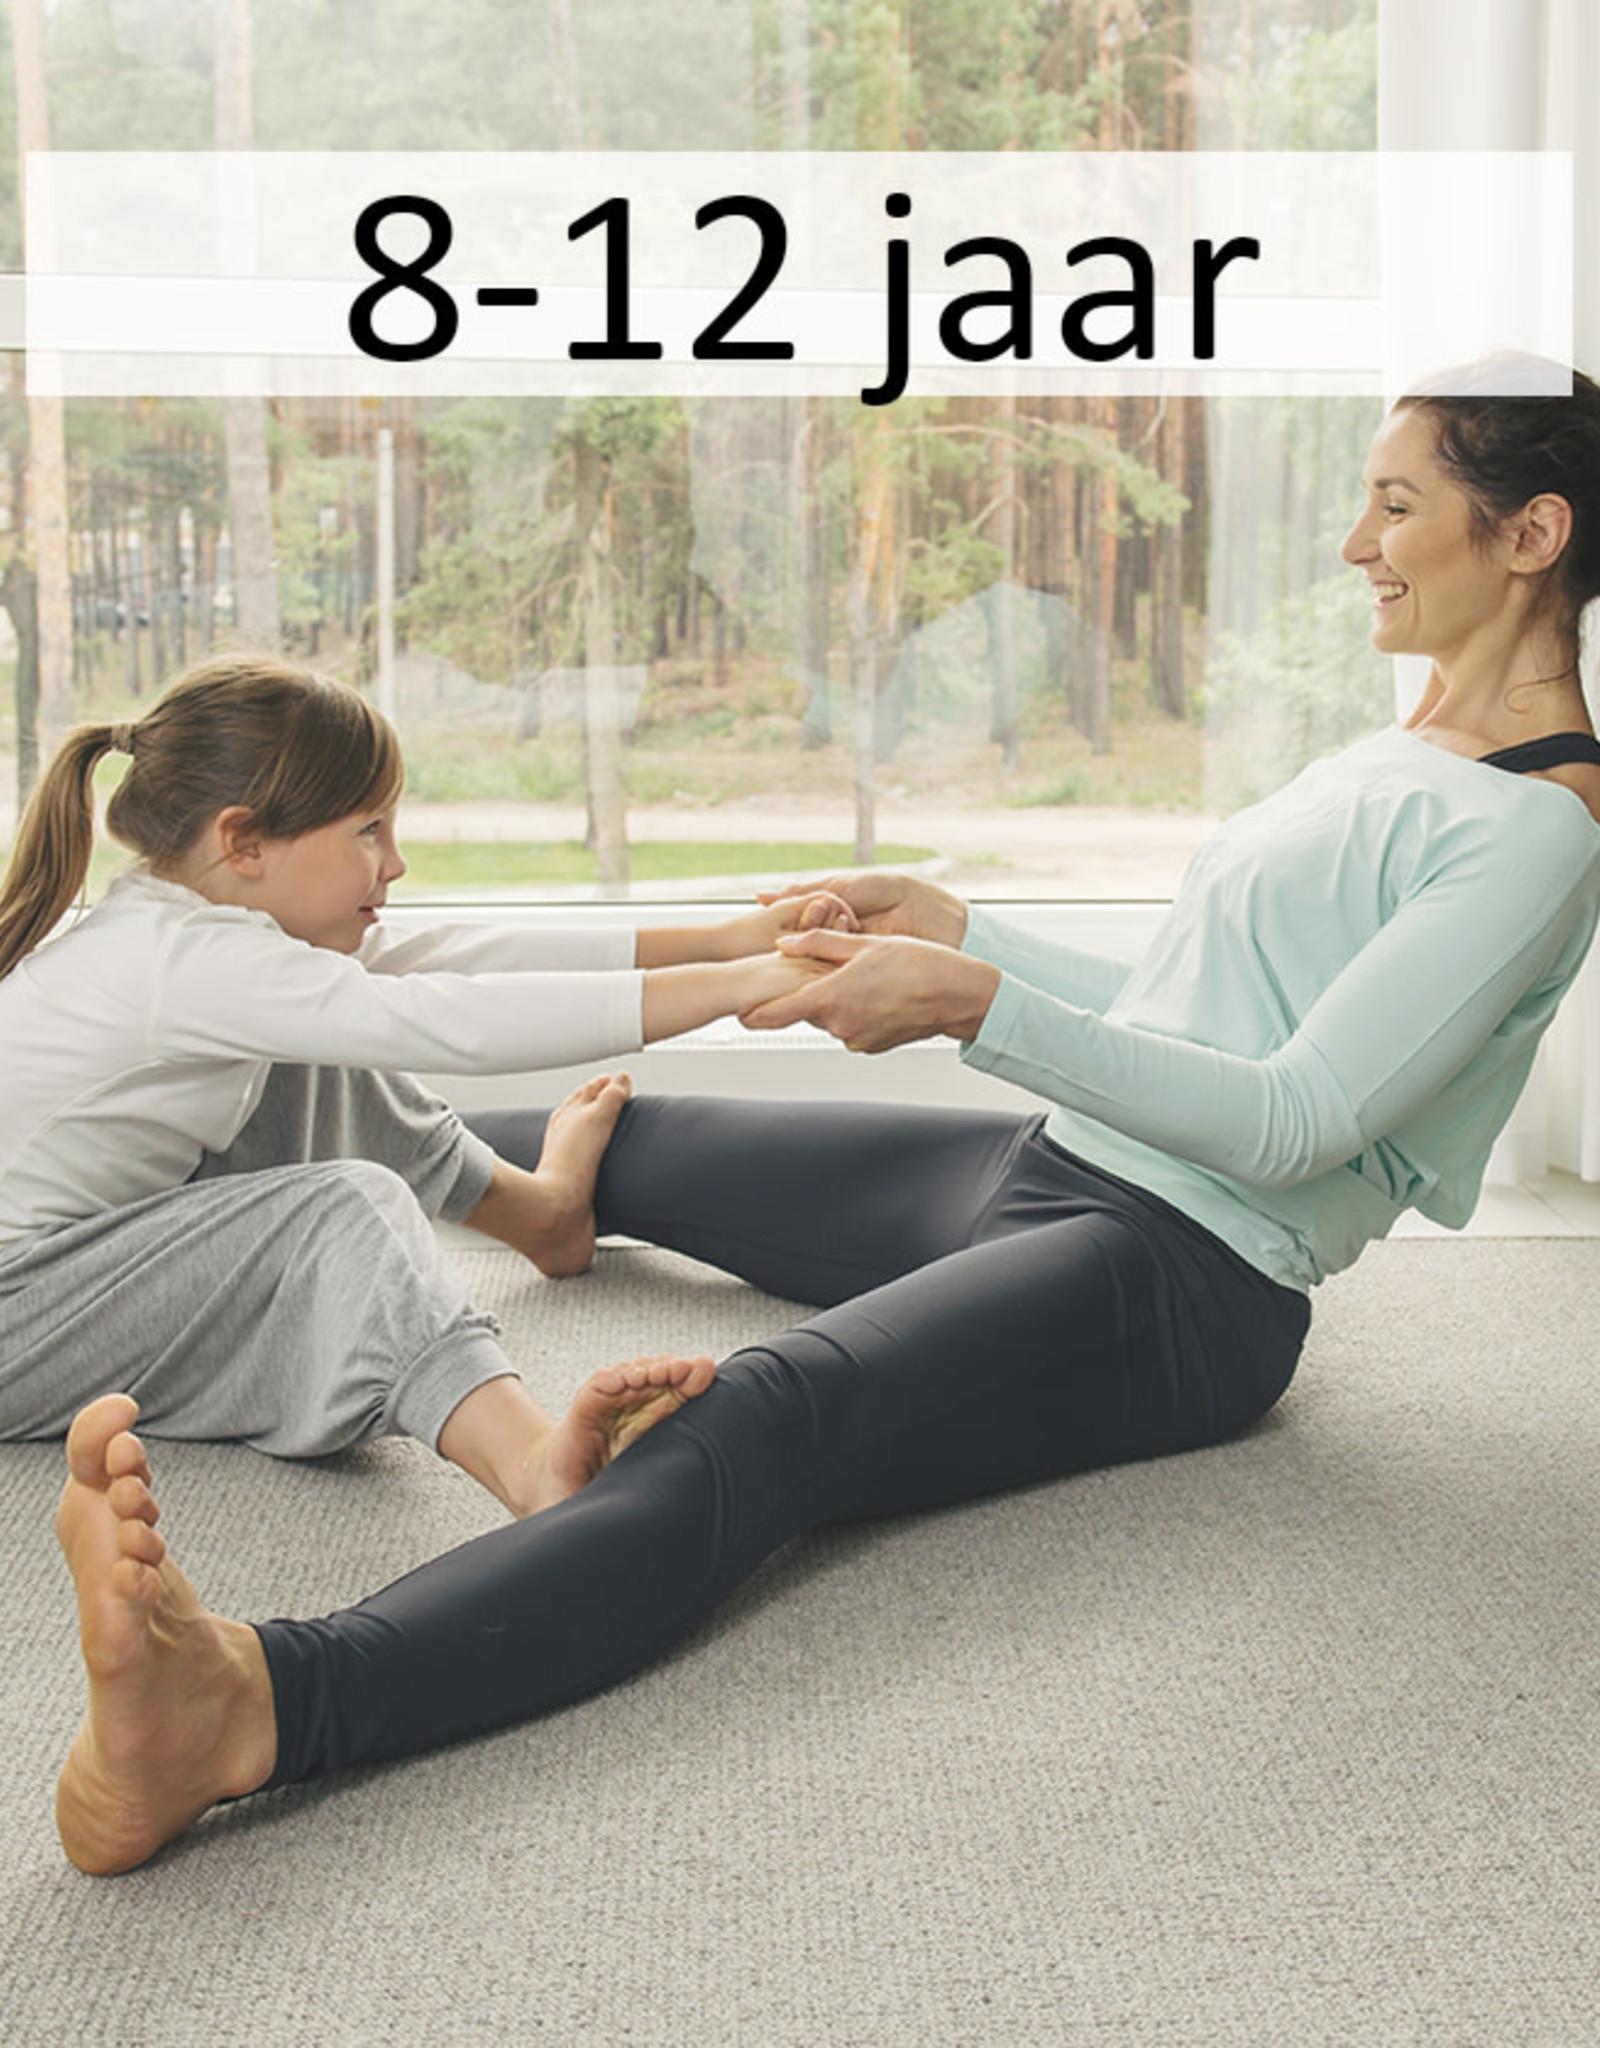 Yogazo 15/11 voormiddag: Ouder-kind yoga 8-12jaar